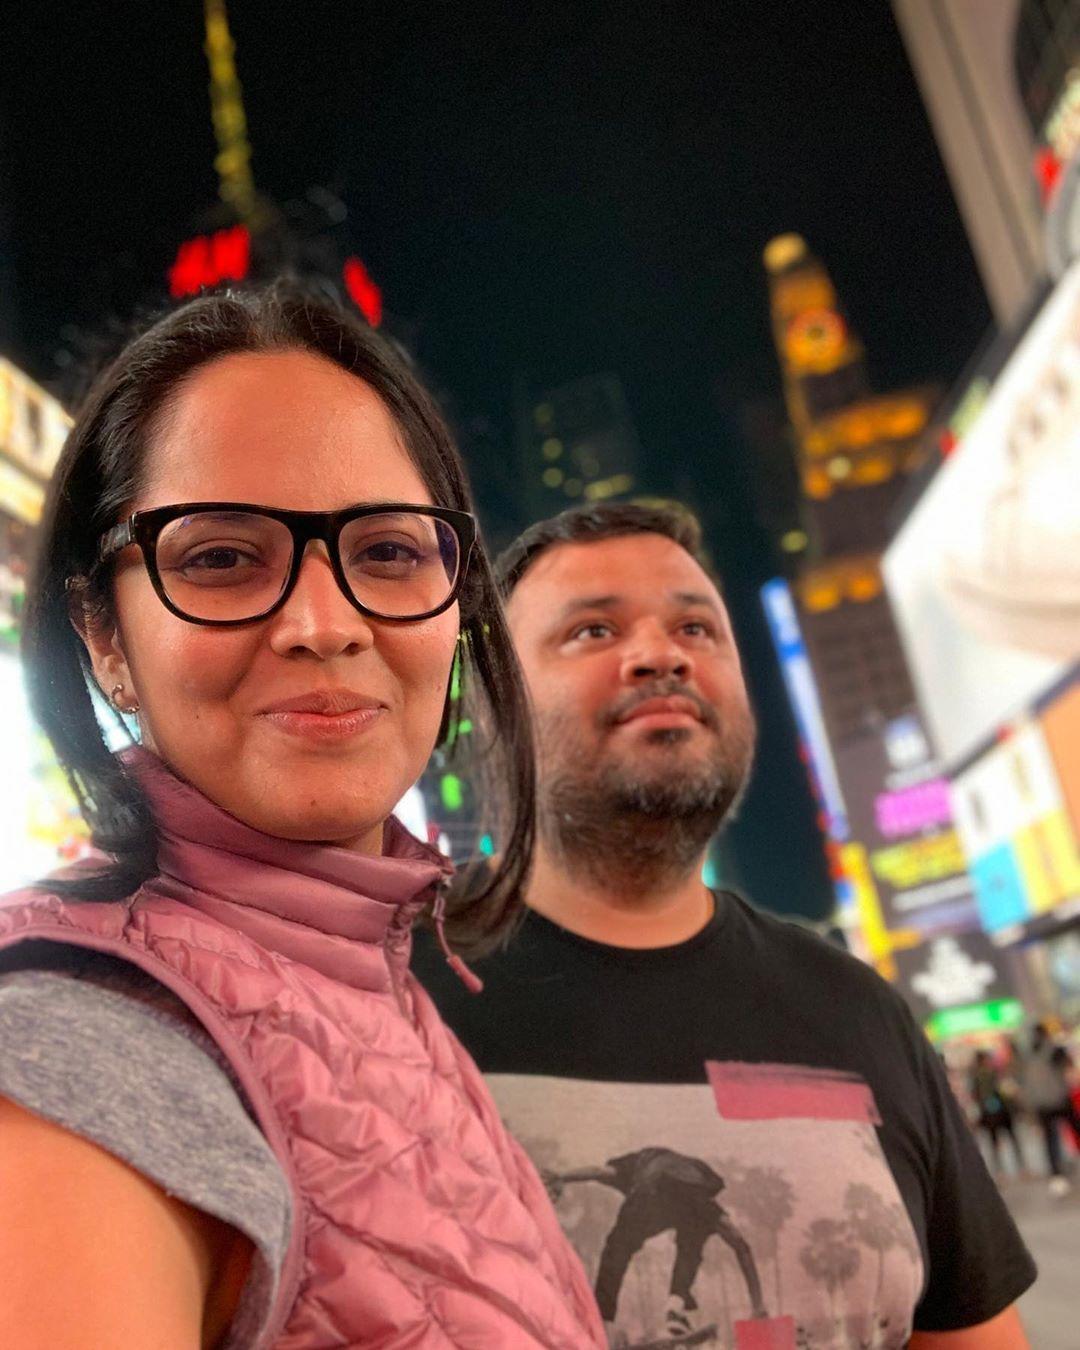 న్యూయార్క్ నగర వీధుల్లో భర్తతో అనసూయ చక్కర్లు Photo: Instagram.com/itsme_anasuya